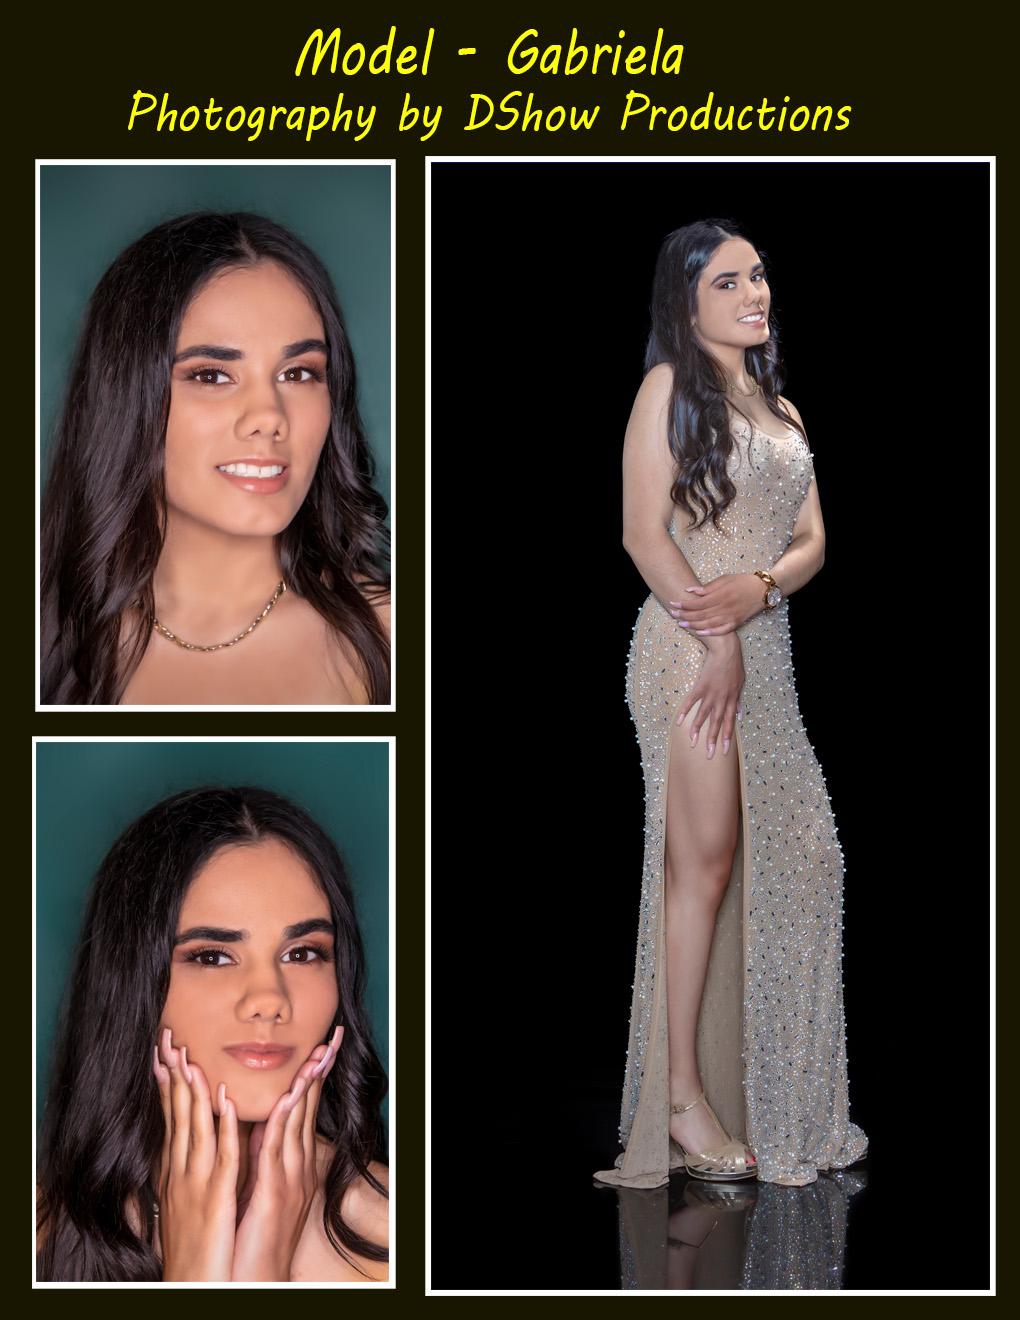 Gabriela Model